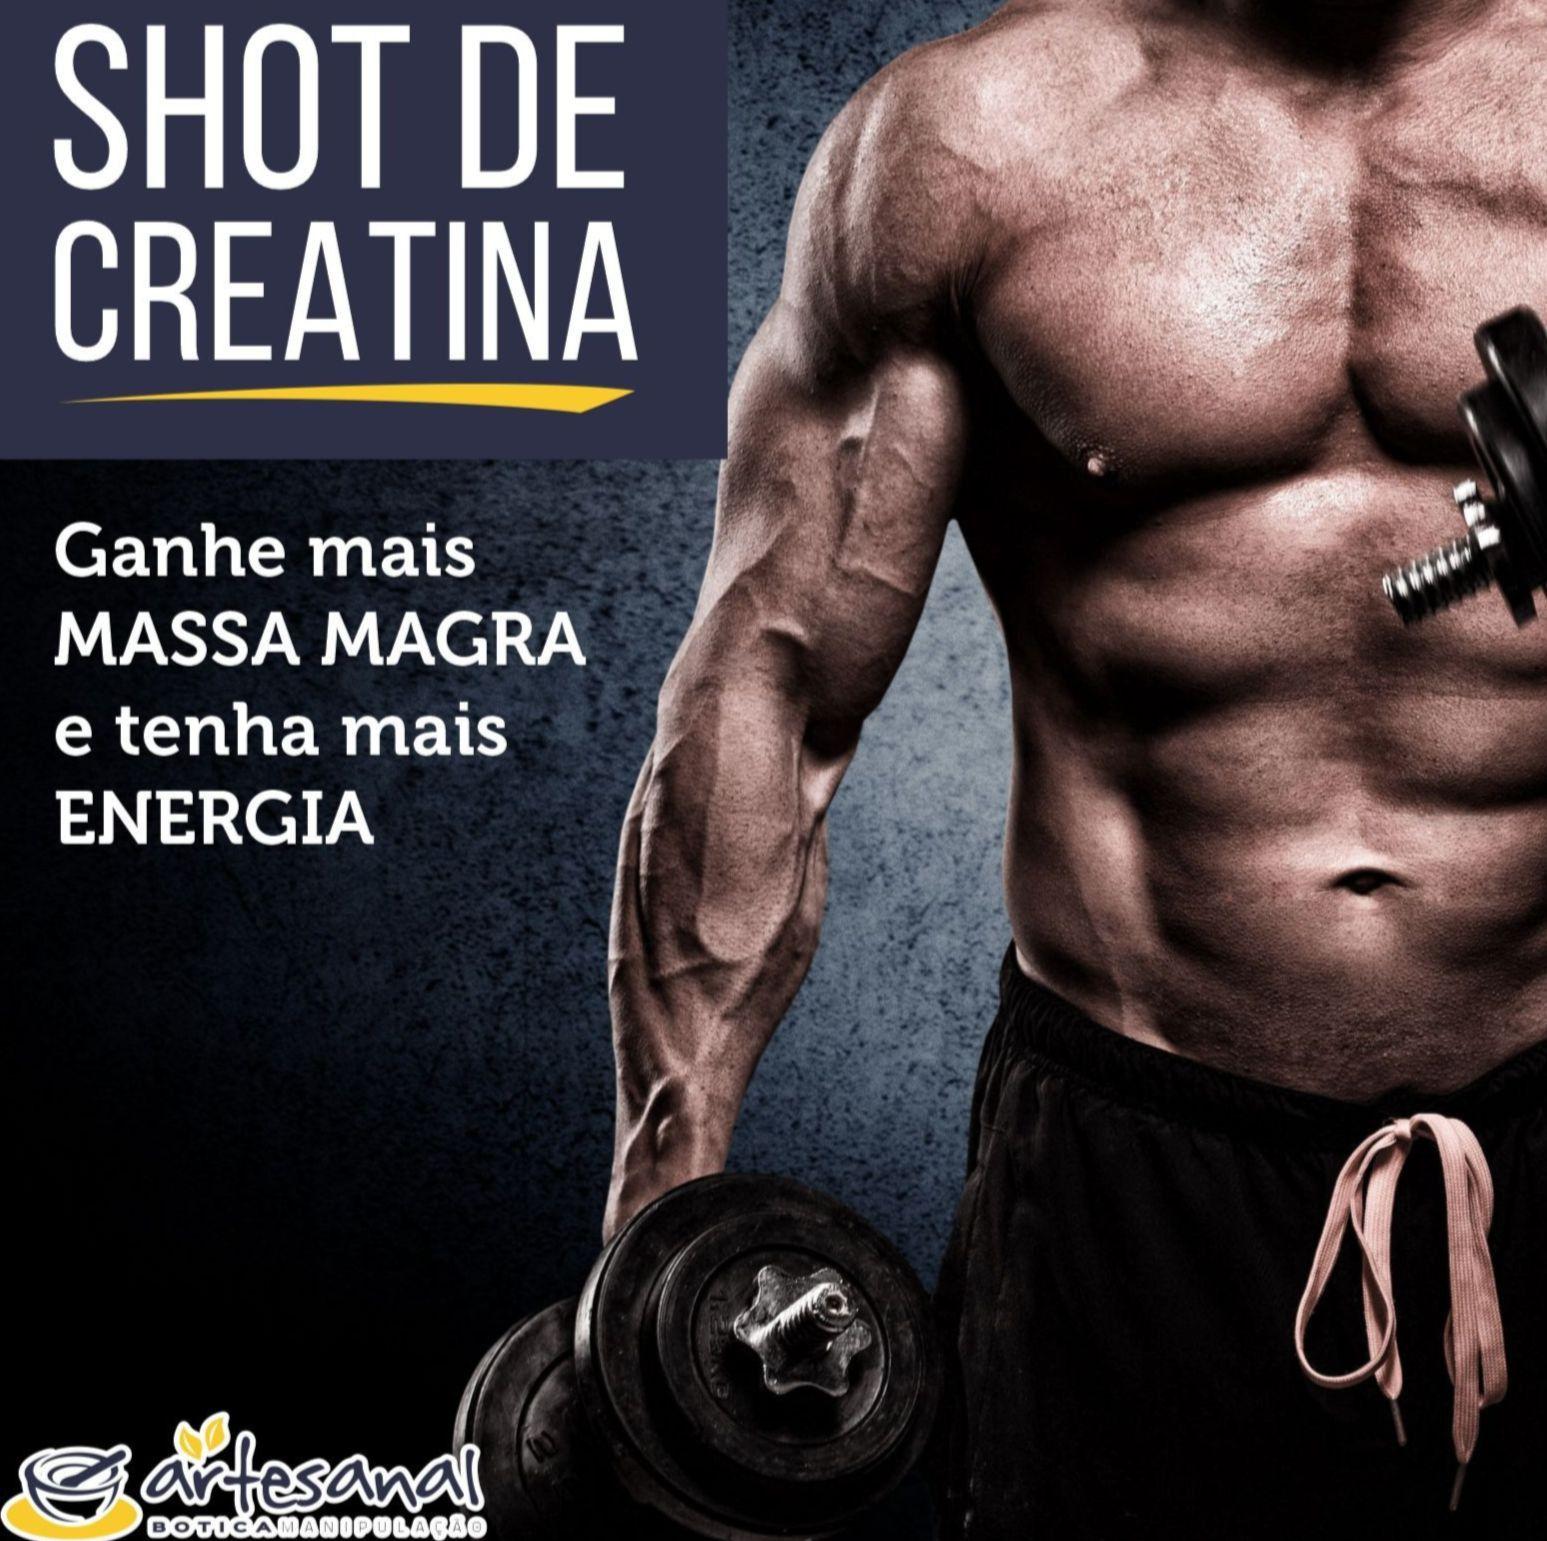 SHOT DE CREATINA 30 flaconetes - 1g